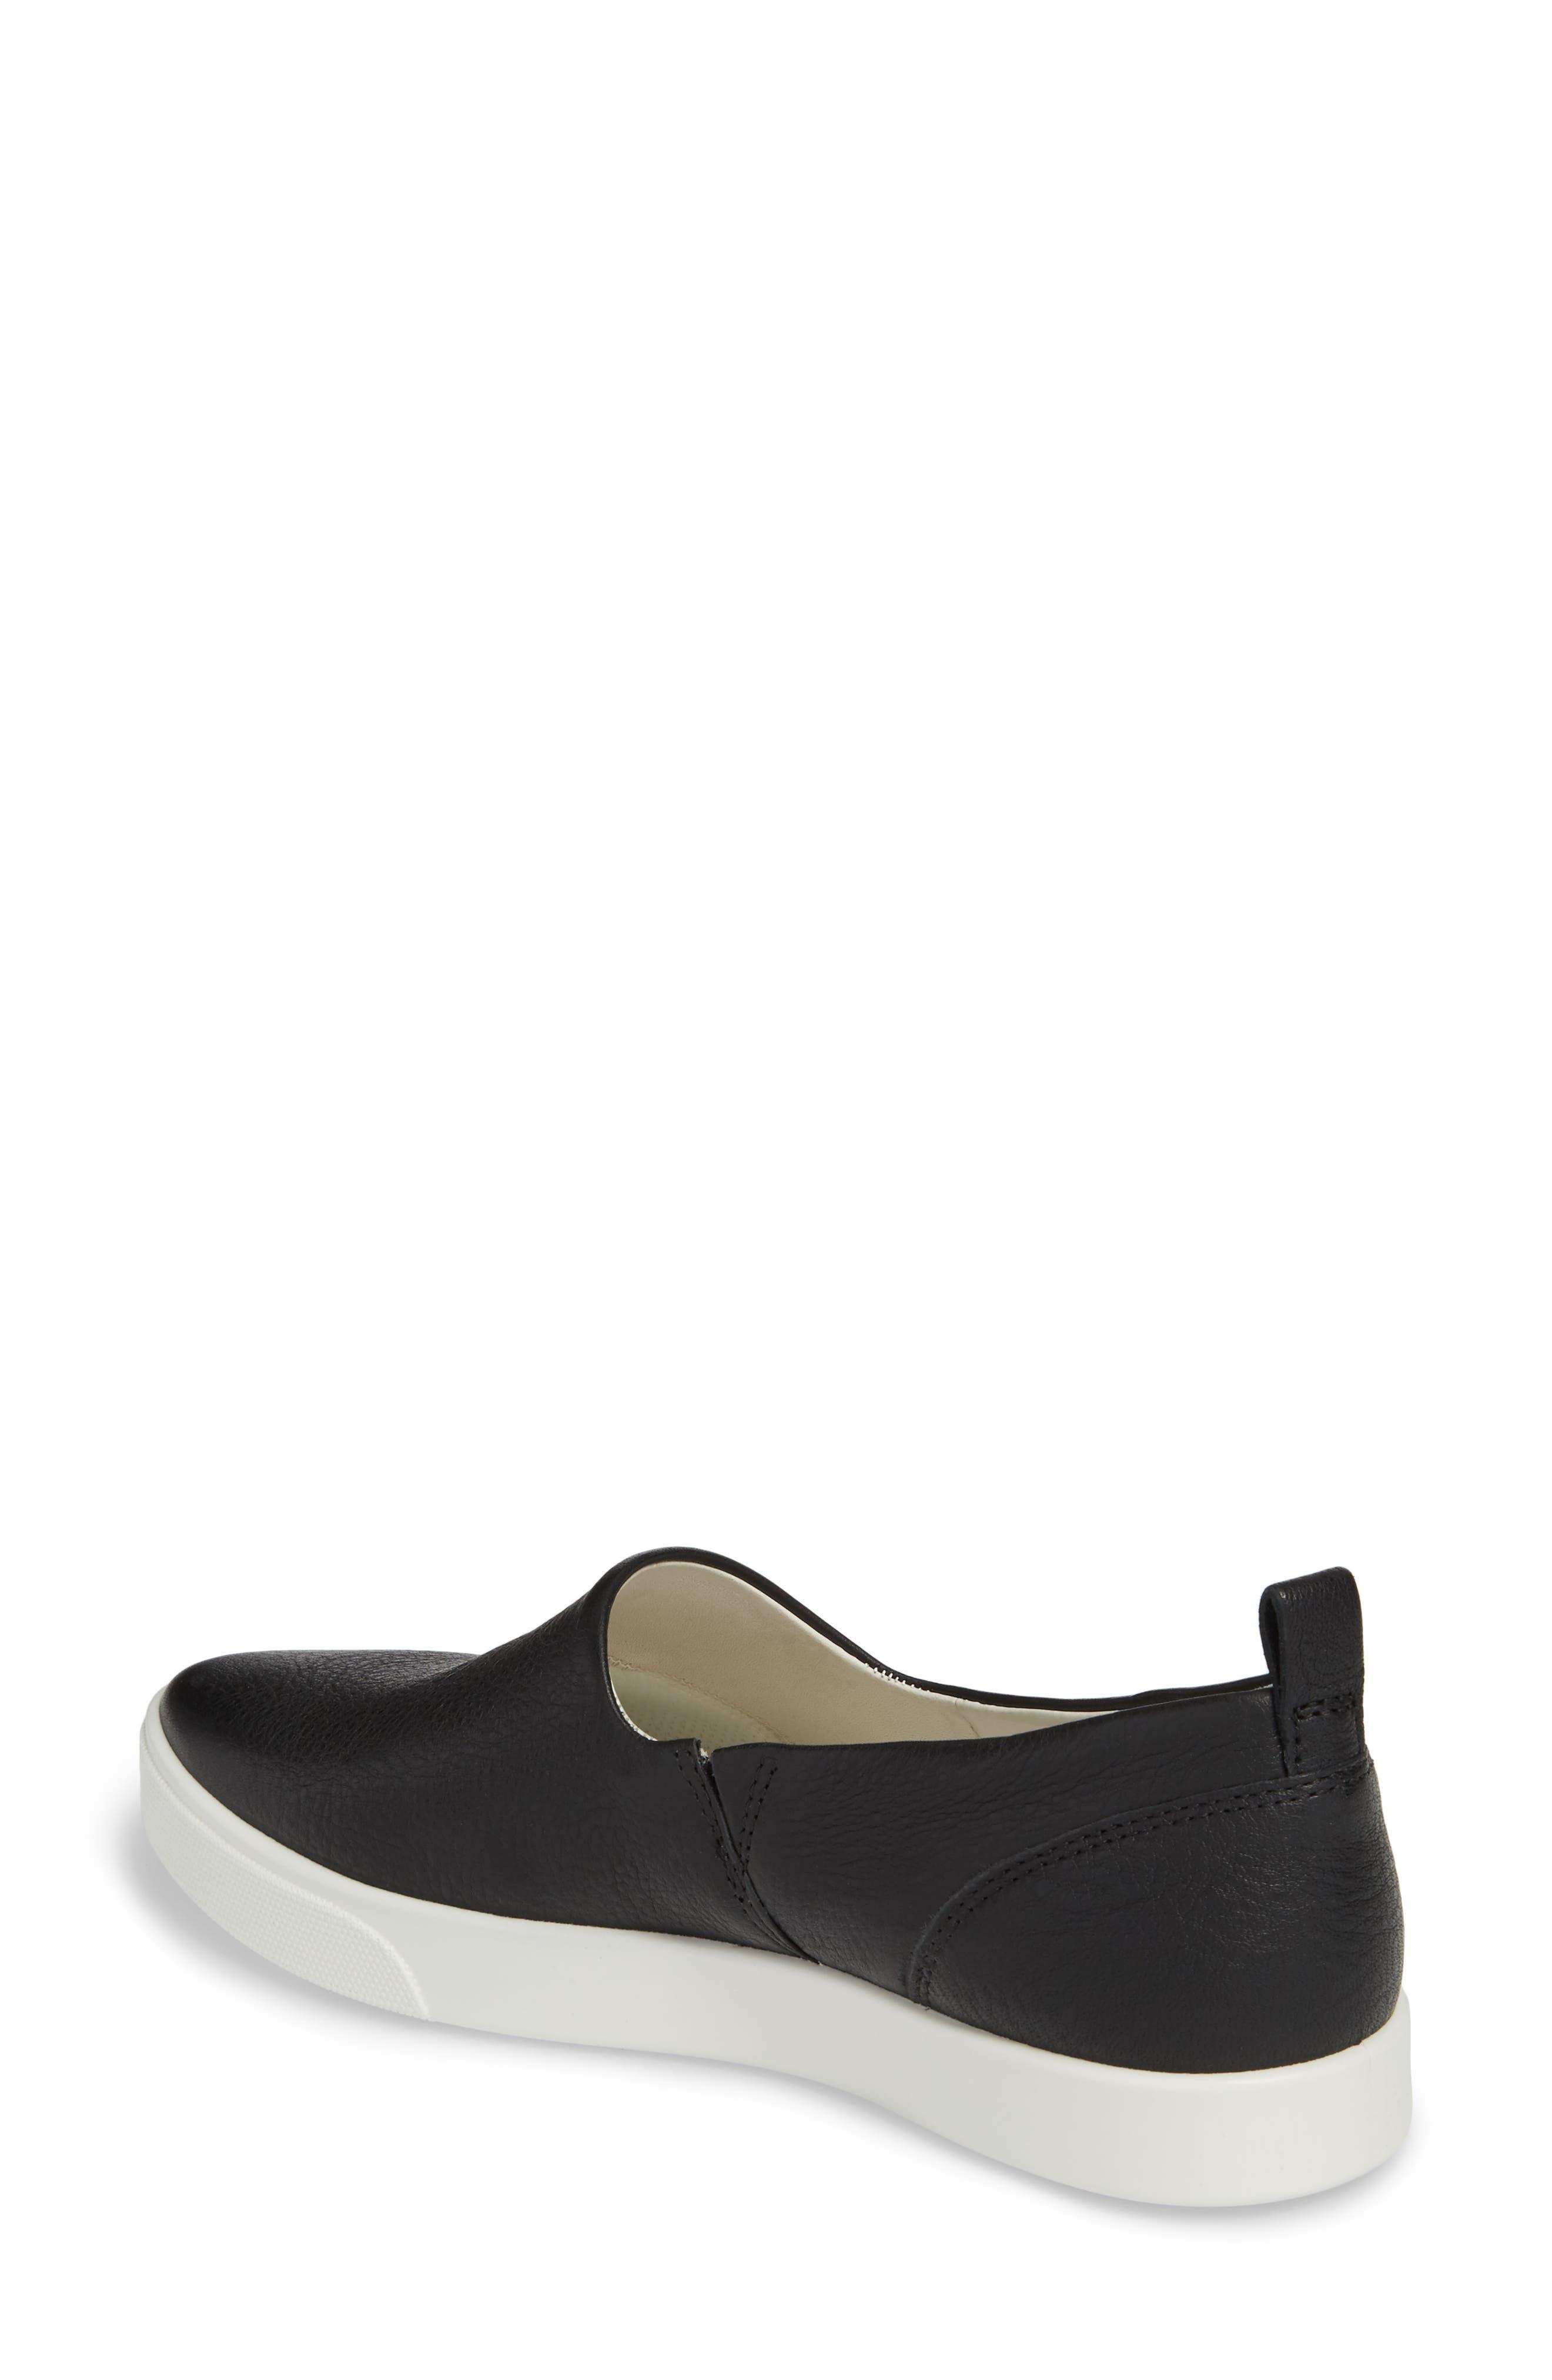 Gillian Slip-On Sneaker,                             Alternate thumbnail 2, color,                             Black Leather